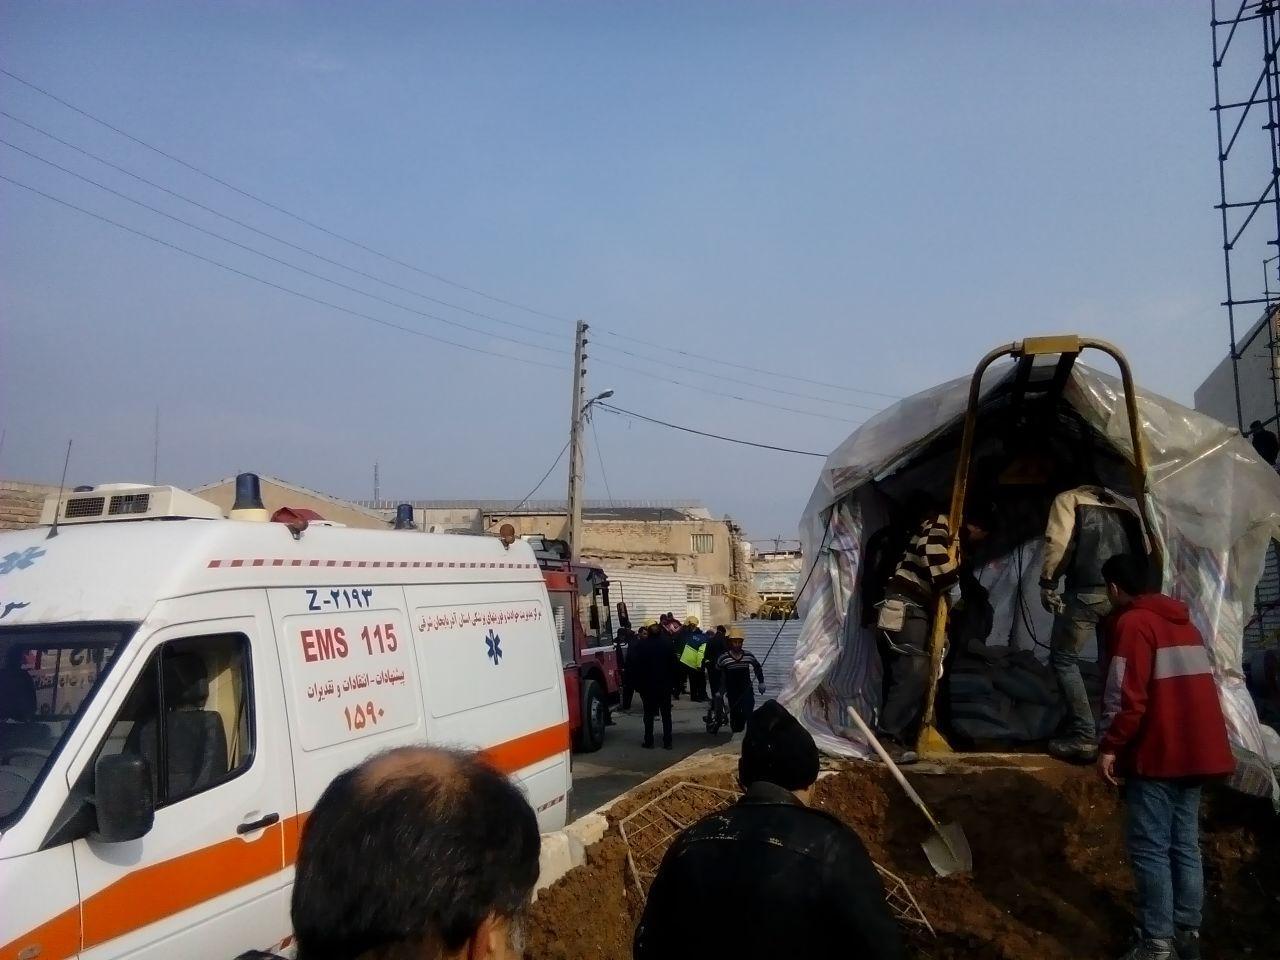 ریزش آوار در محل حفر و کارگاه تونل انرژی تبریز